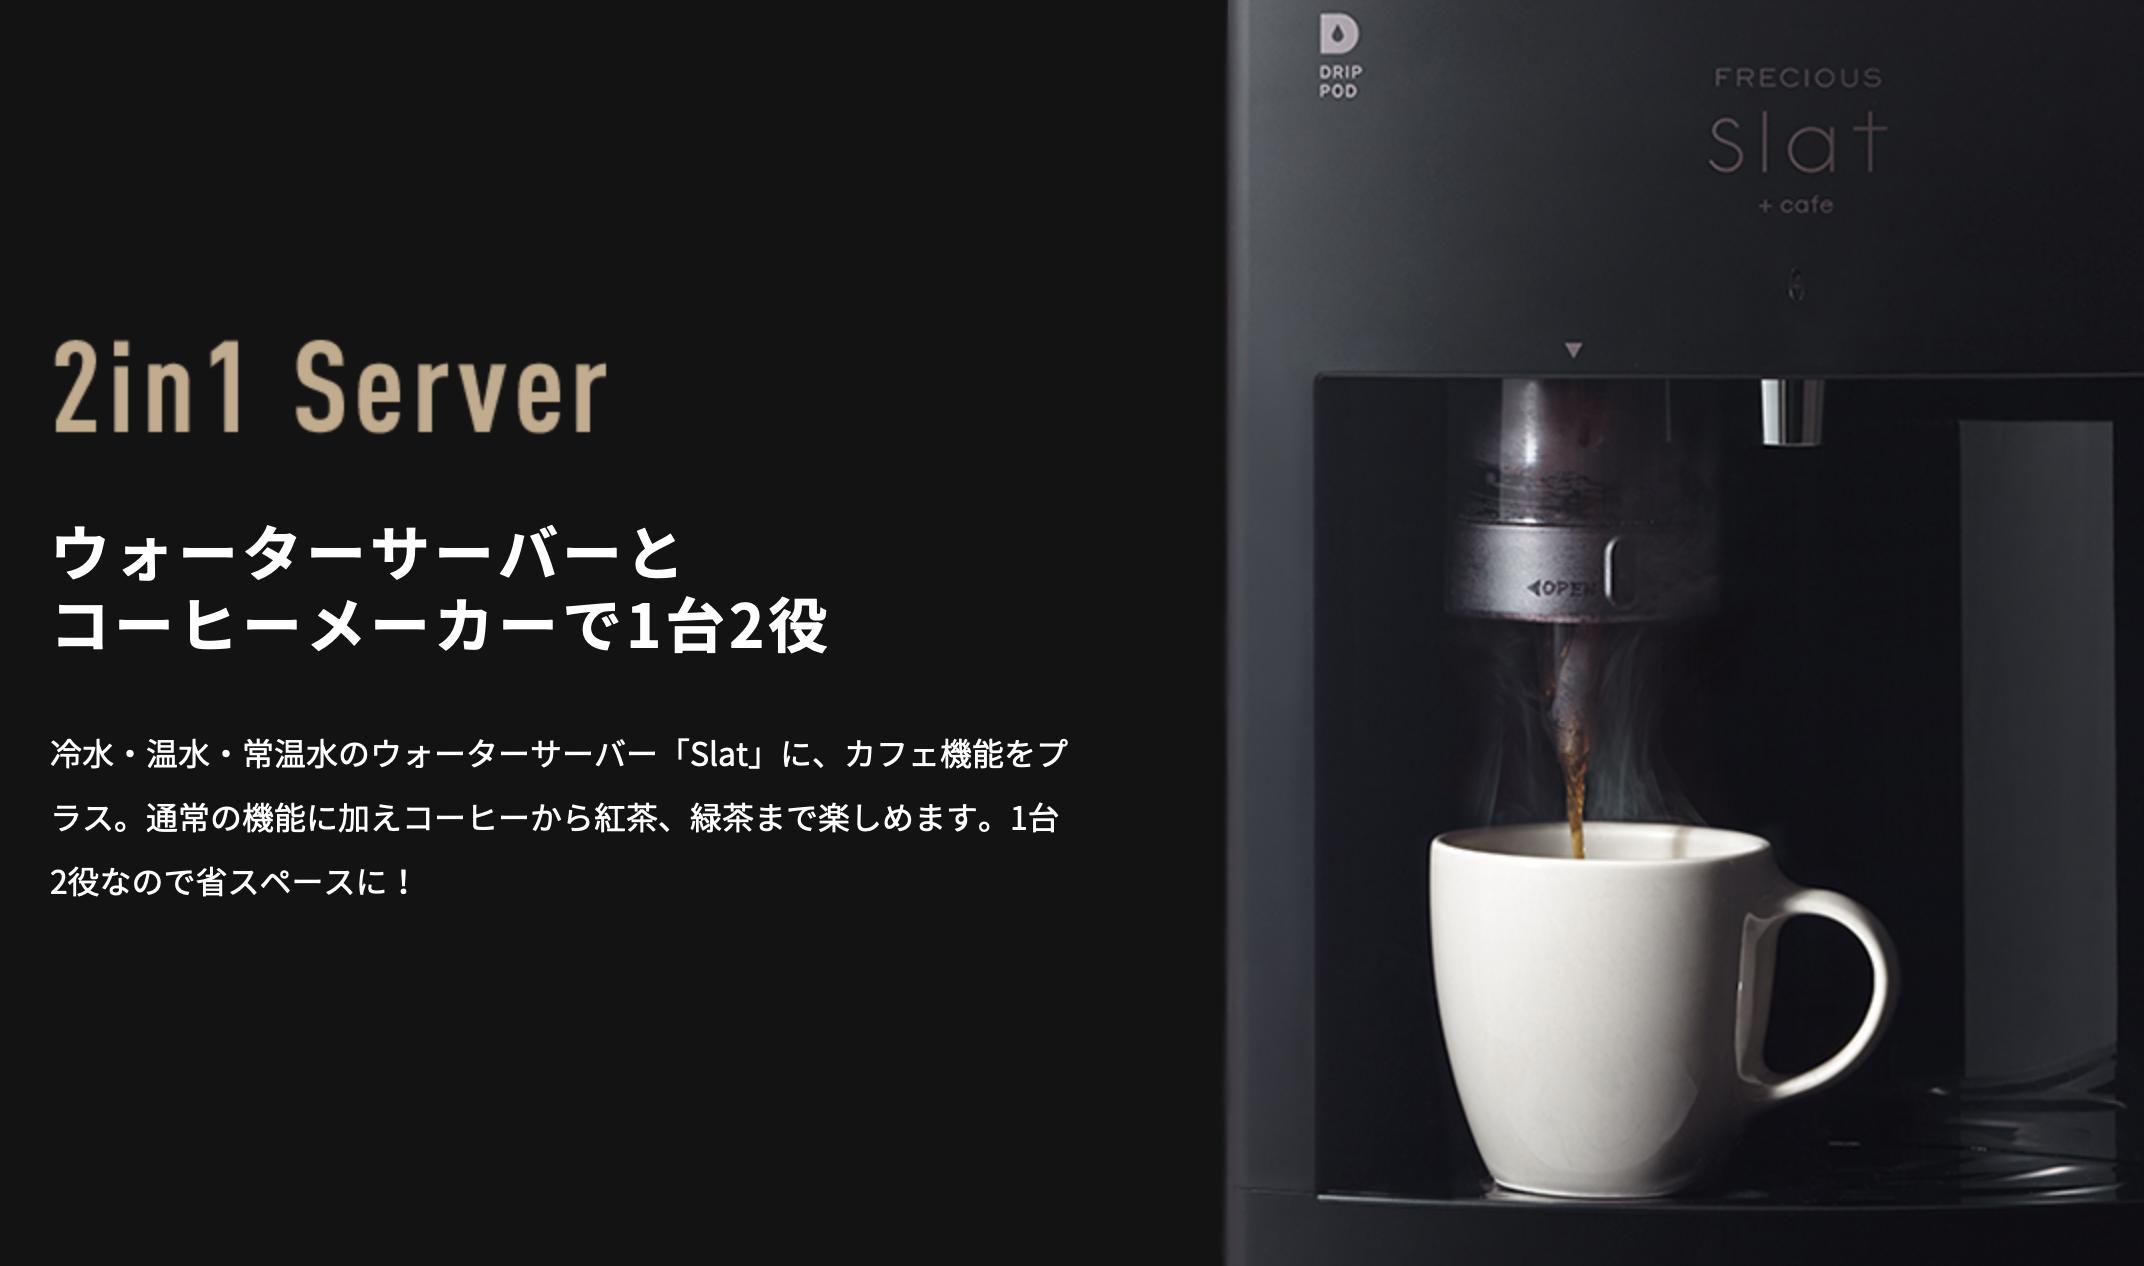 【フレシャス】FRECIOUS Slat+cafe